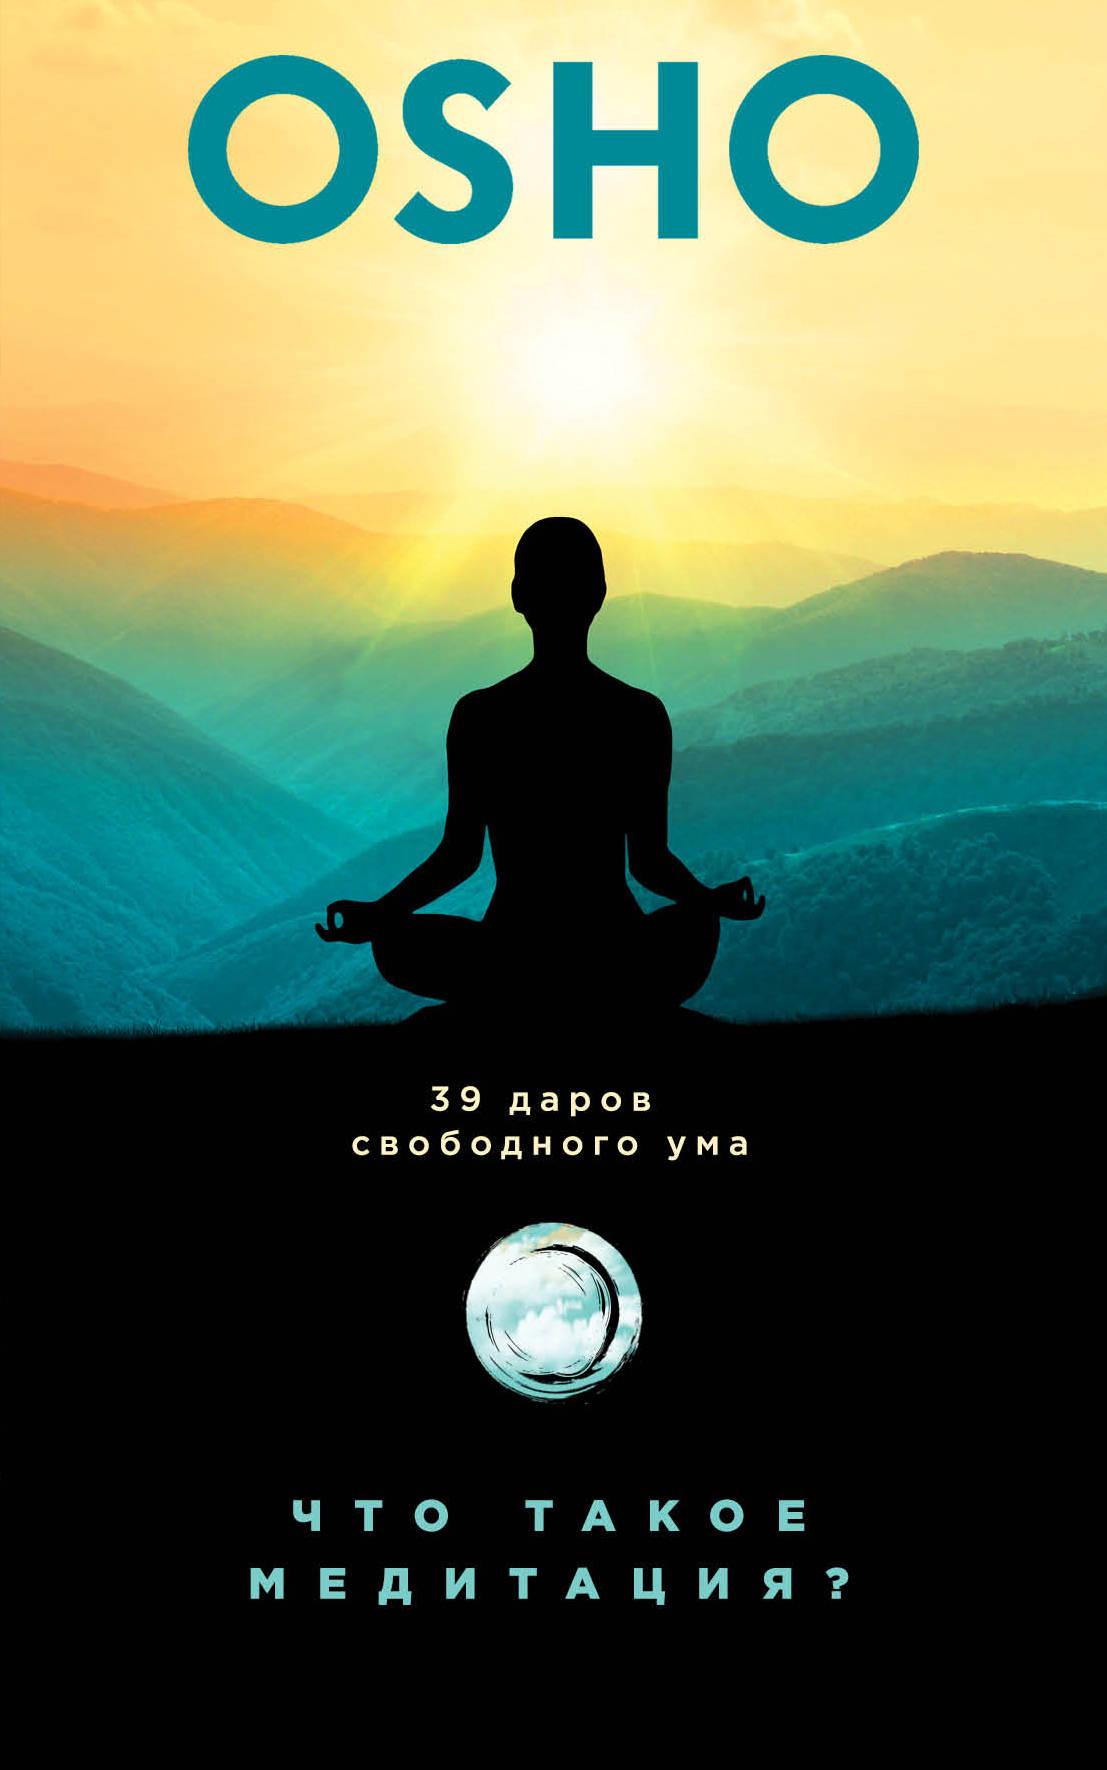 Что такое медитация? 39 даров свободного ума. Ошо Багван Шри Раджниш